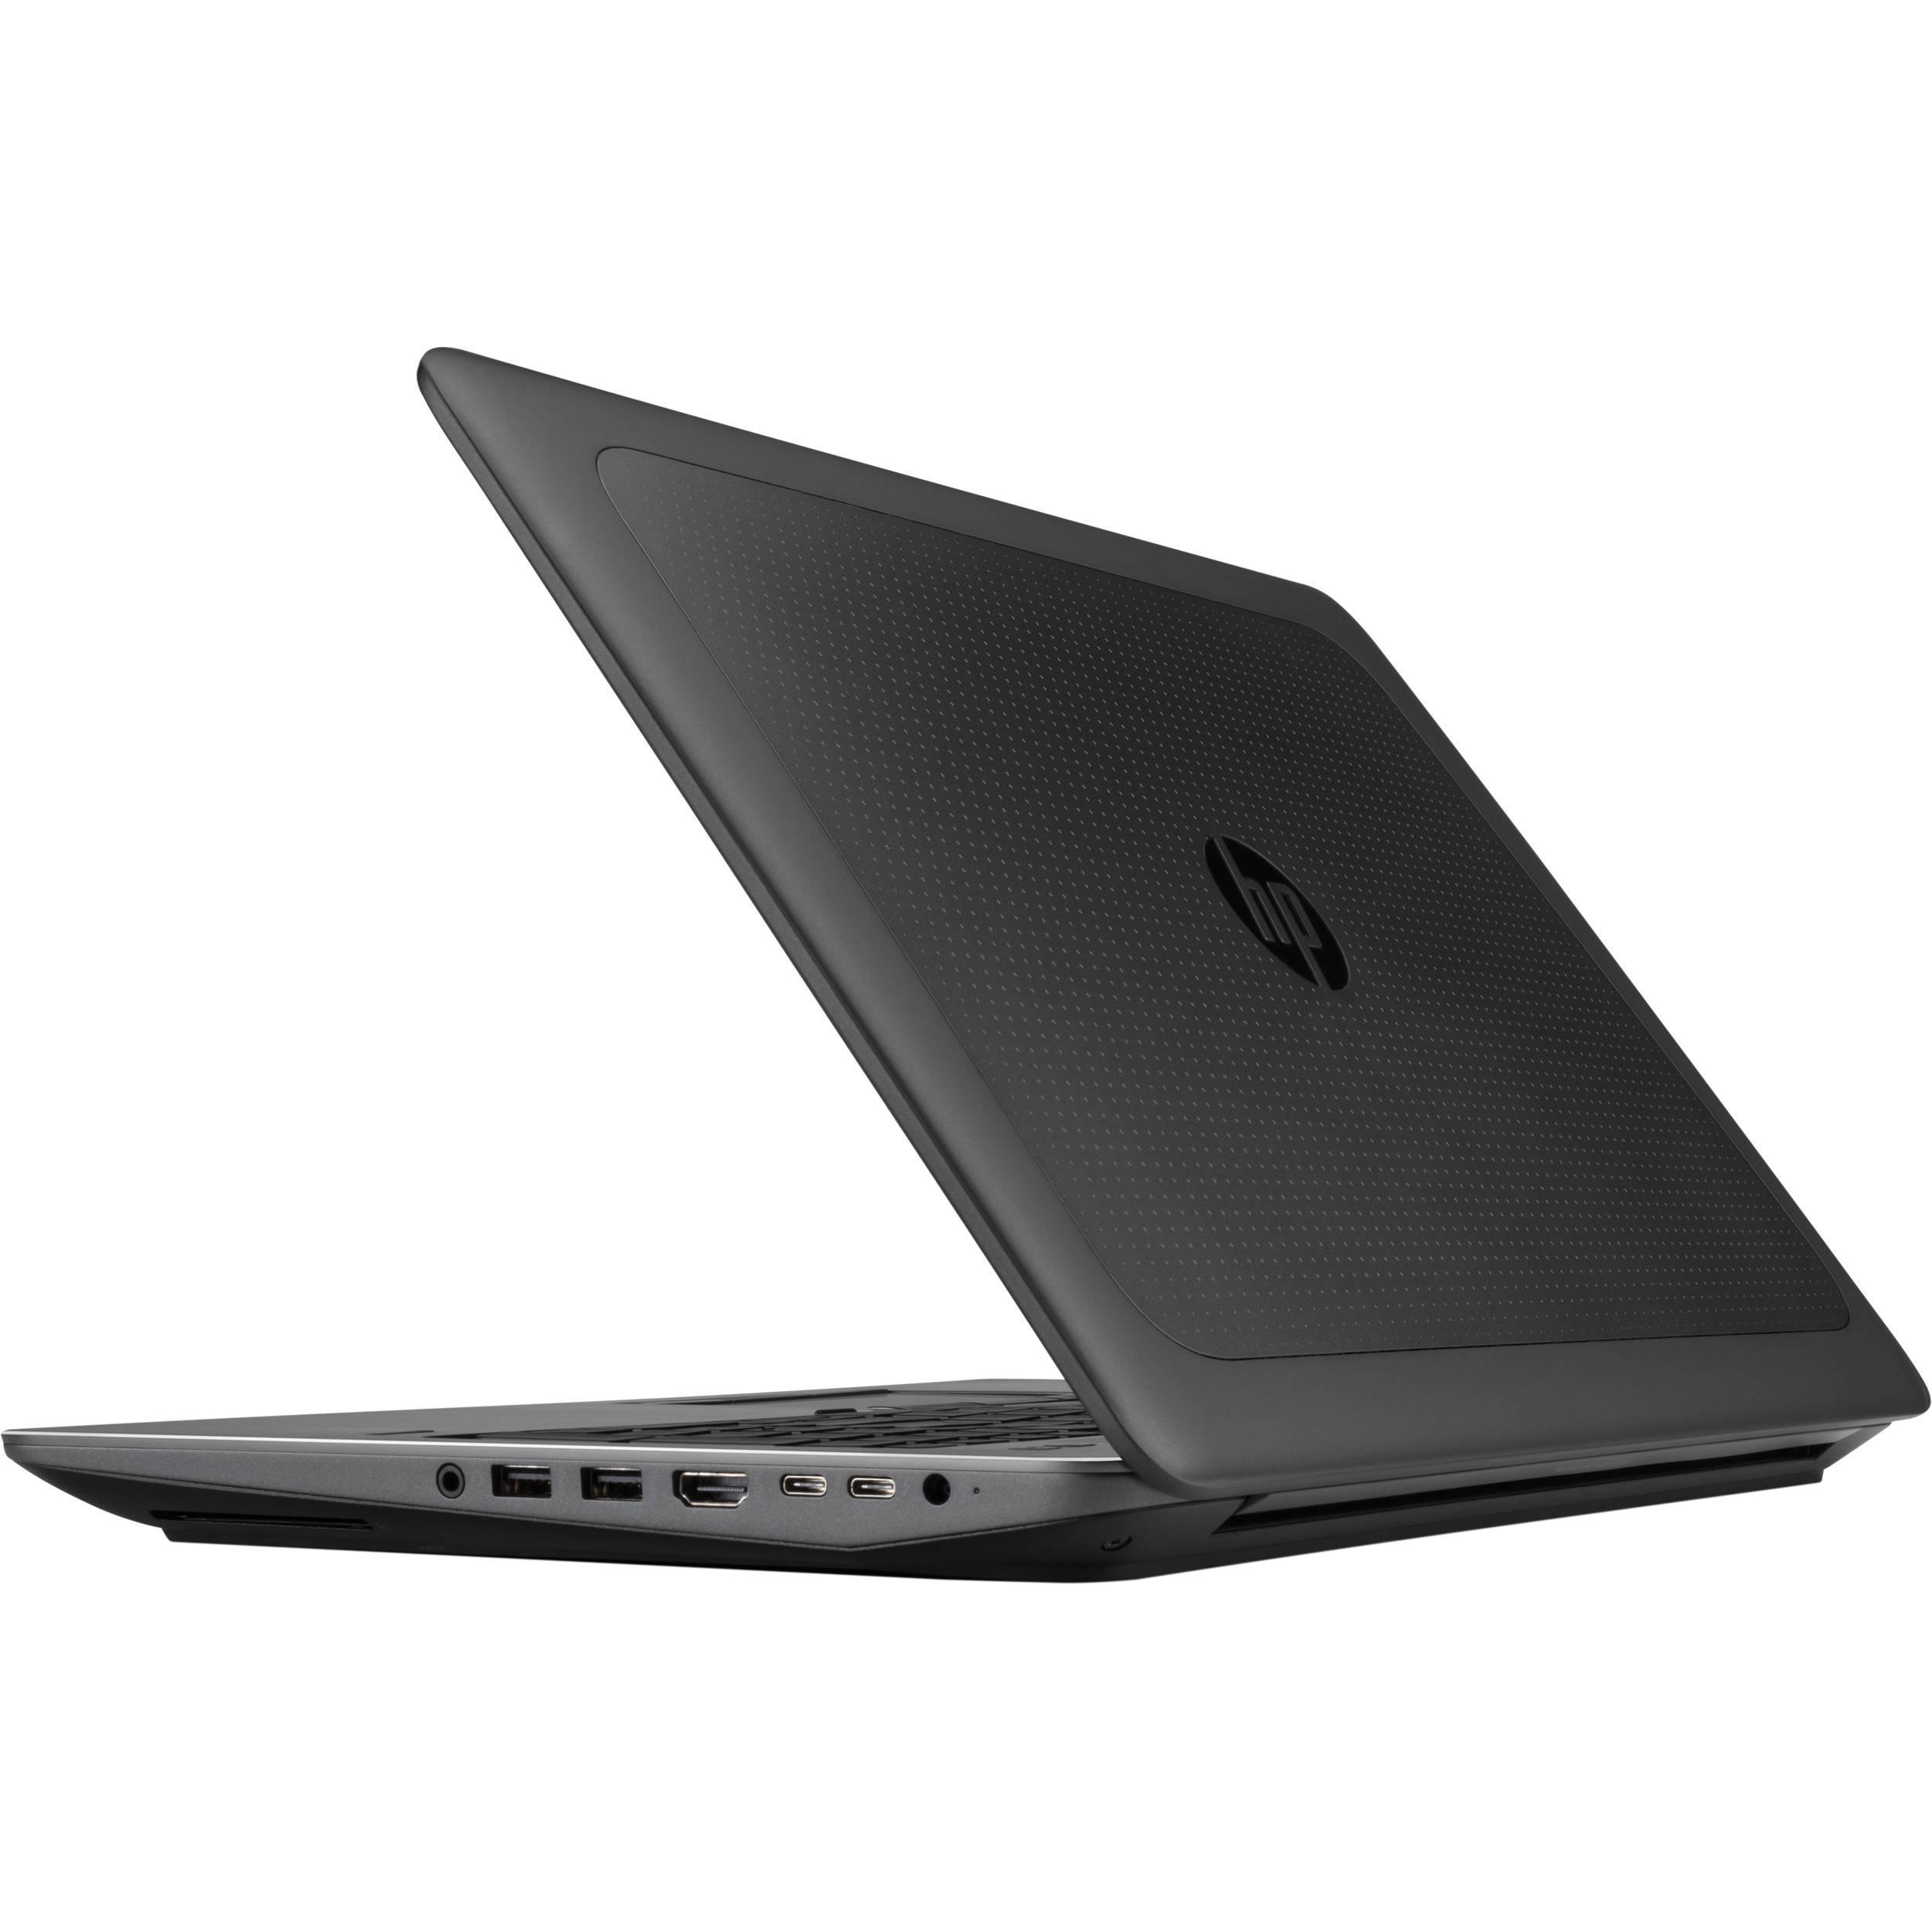 Hp Zbook 15 G3 15.6-inch (2016) - Core i7-6820HQ - 32 GB  - SSD 512 GB